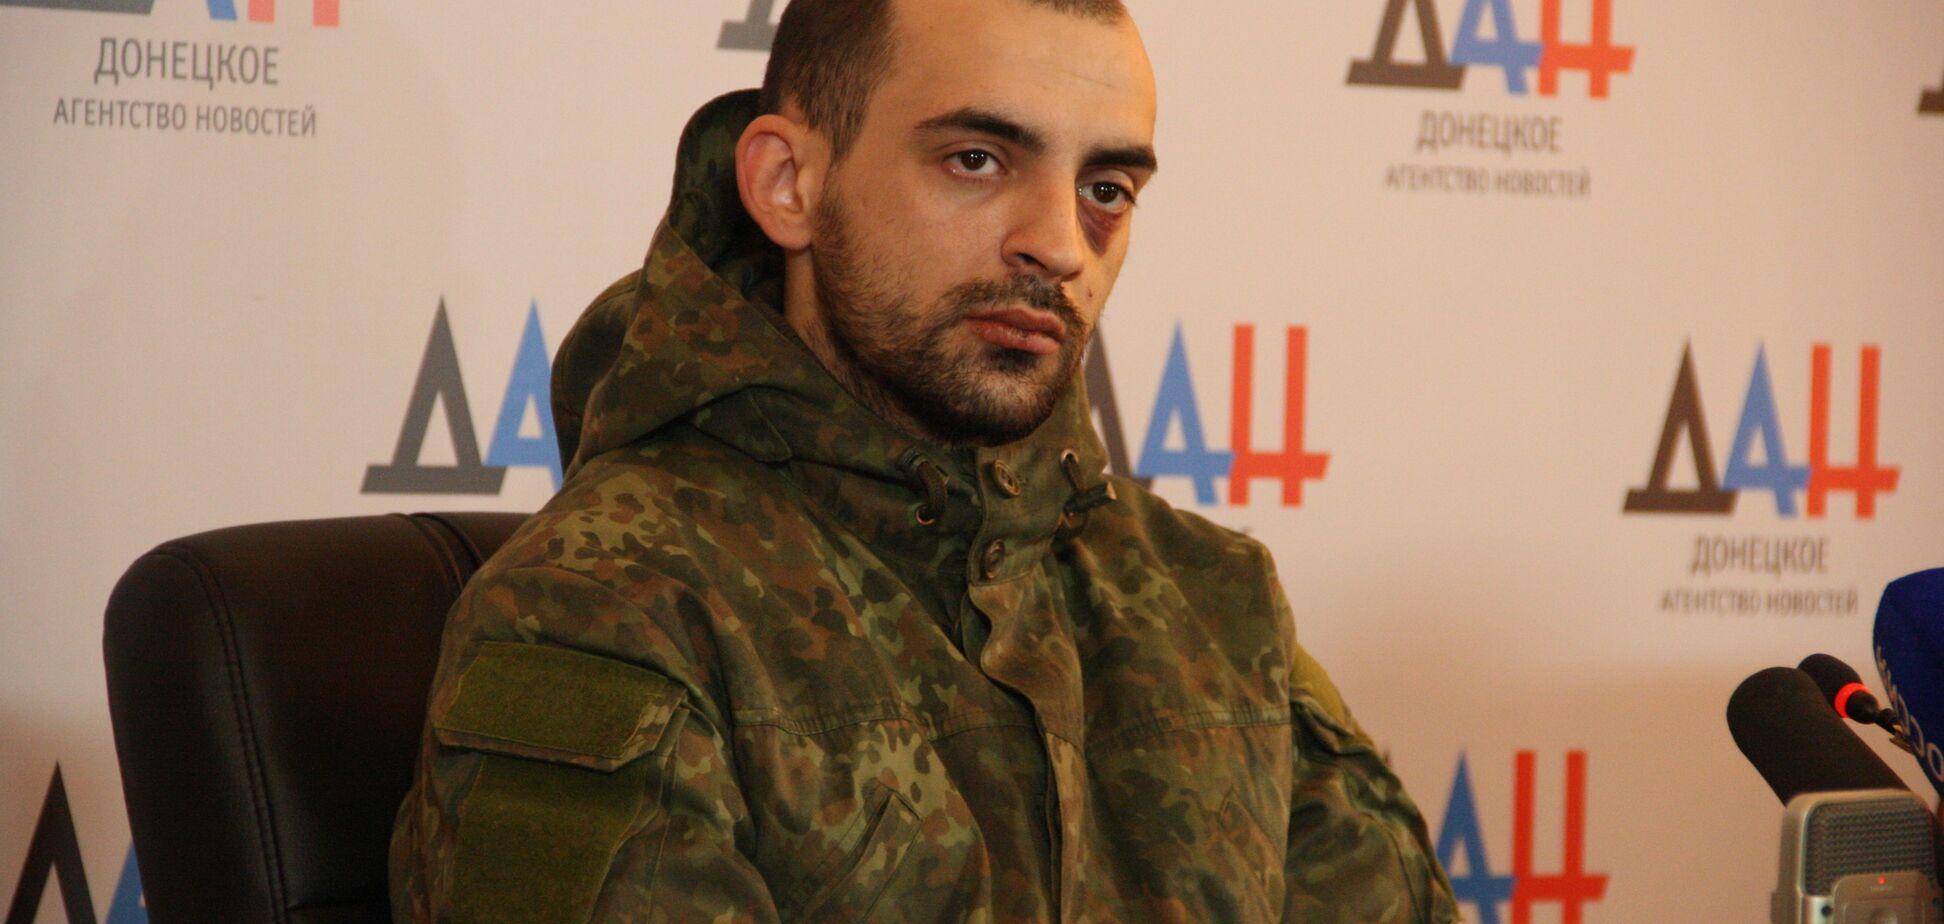 'Зубы выбили плоскогубцами': украинский боец рассказал о пытках в плену 'ДНР'